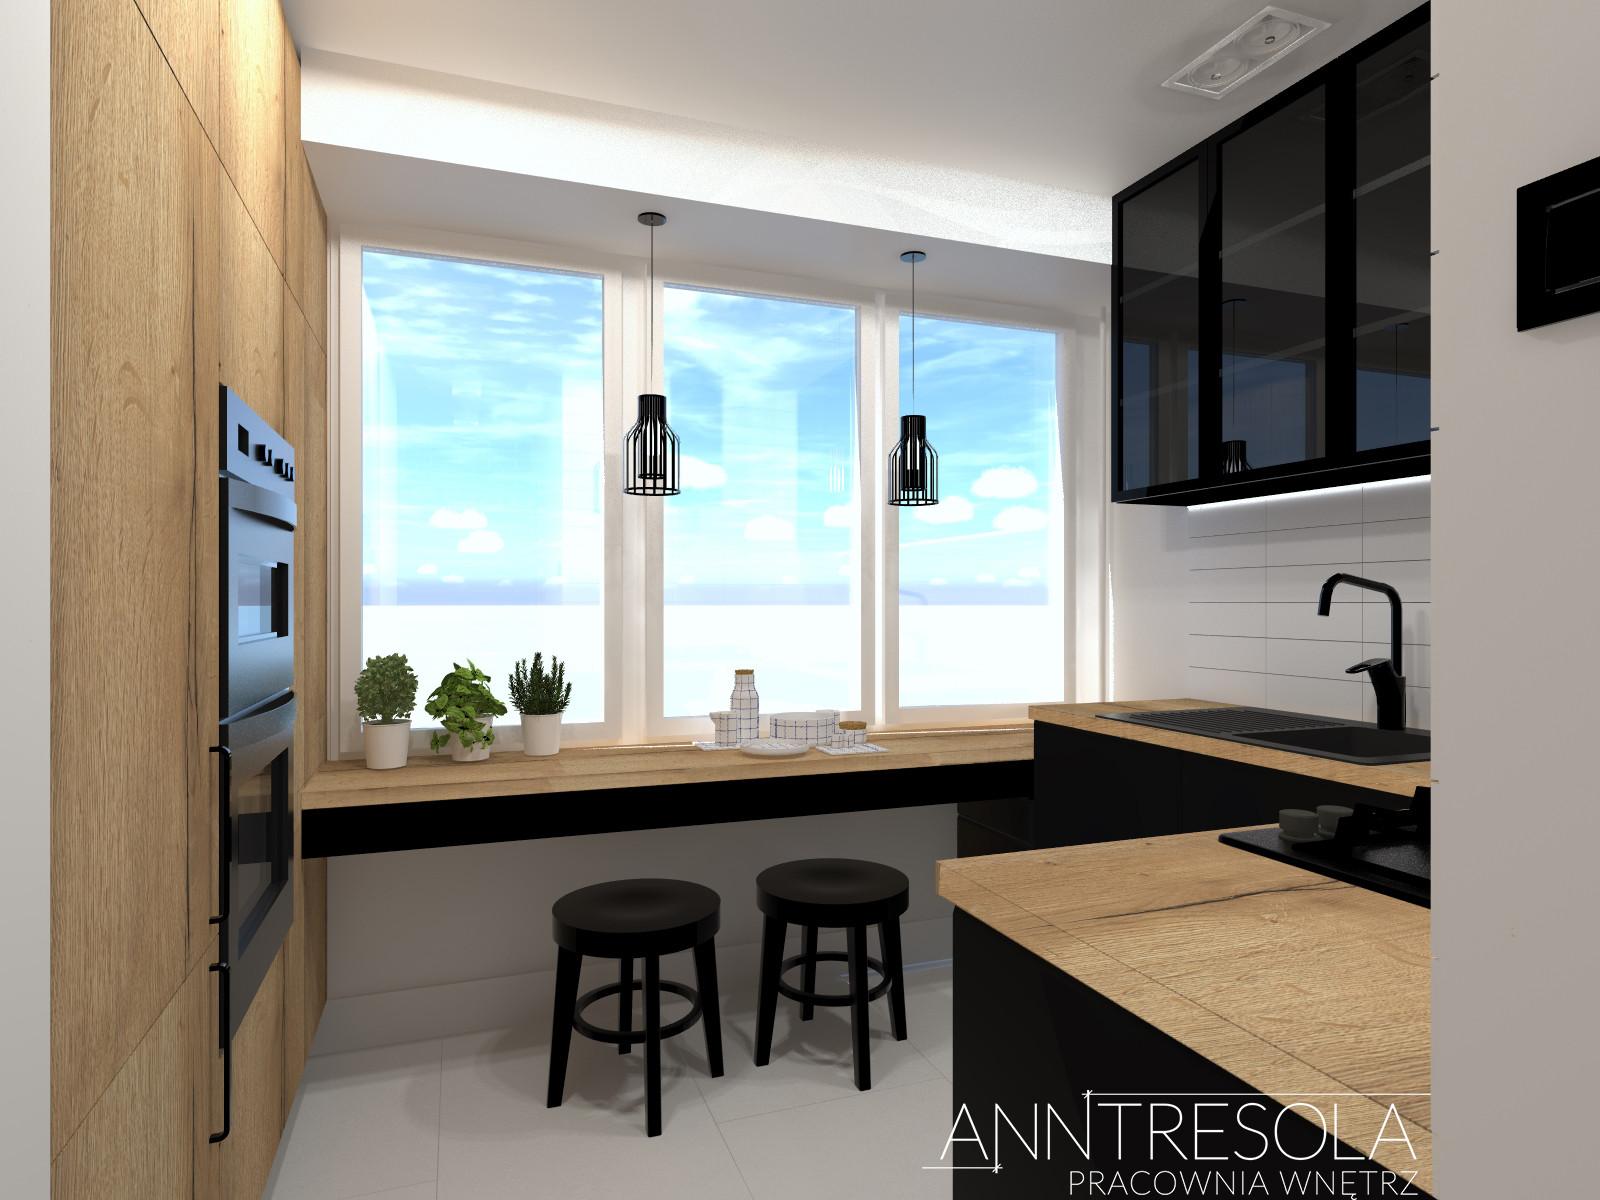 Kuchnia Mieszkanie 69m2 Bialystok Anntresola Pracownia Wnetrz